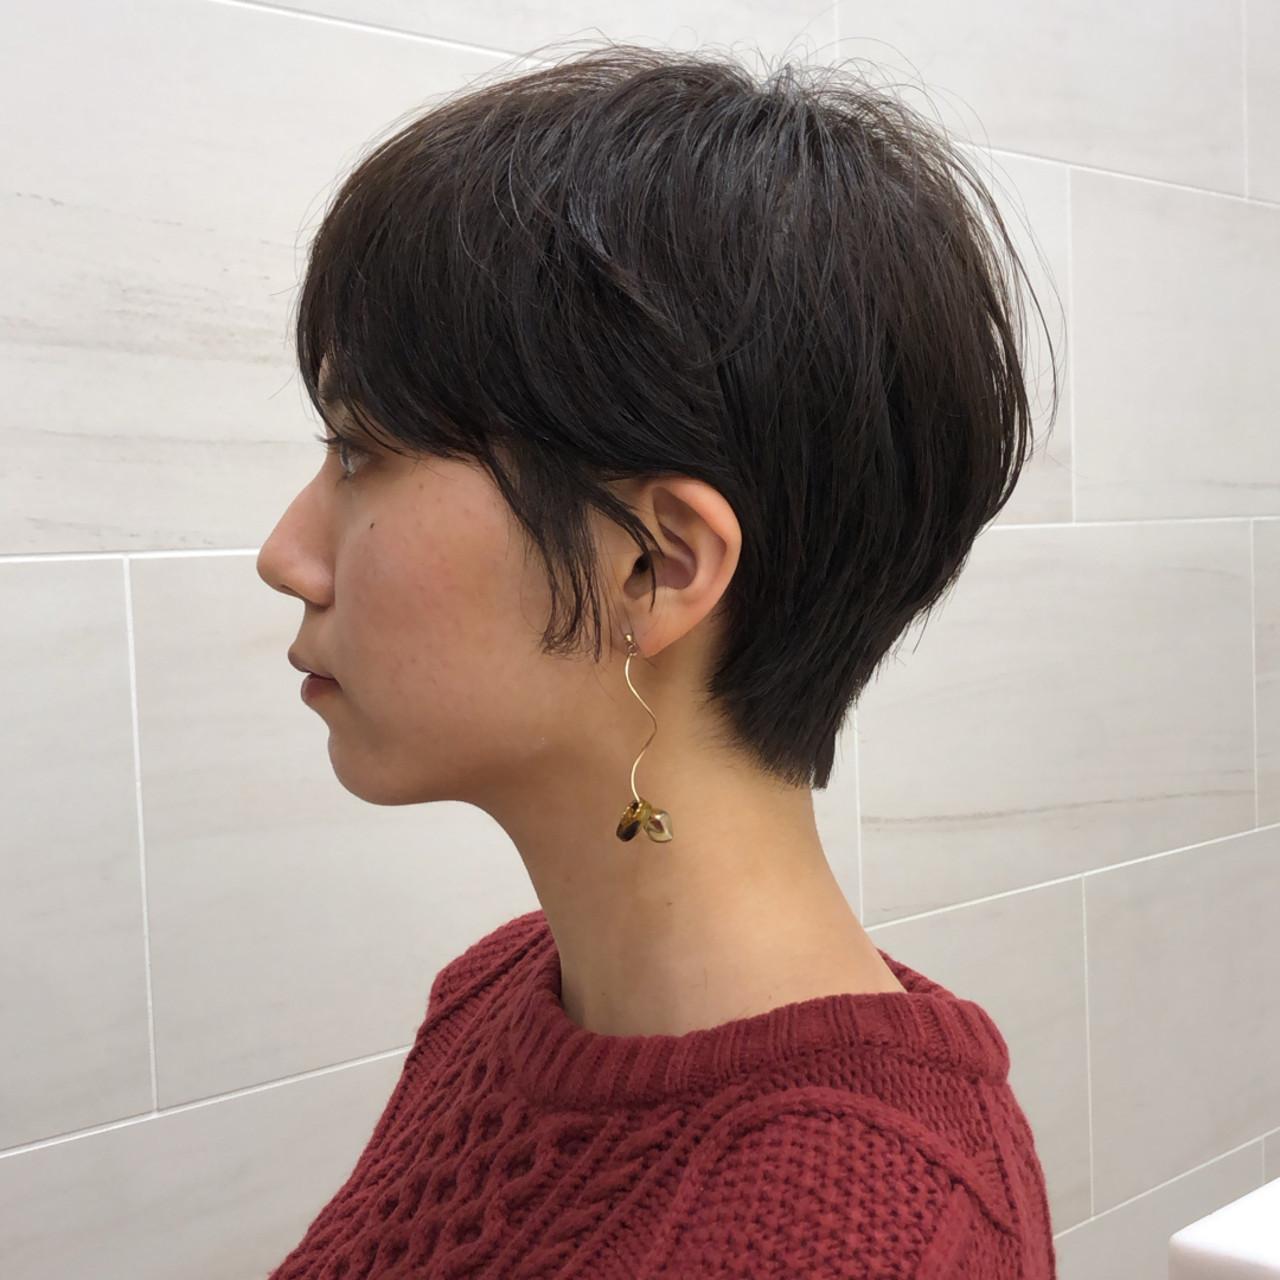 ショート 黒髪 アンニュイほつれヘア ハンサムショート ヘアスタイルや髪型の写真・画像 | 池上 一星 / GINZA PEEK-A-BOO 中央通り店